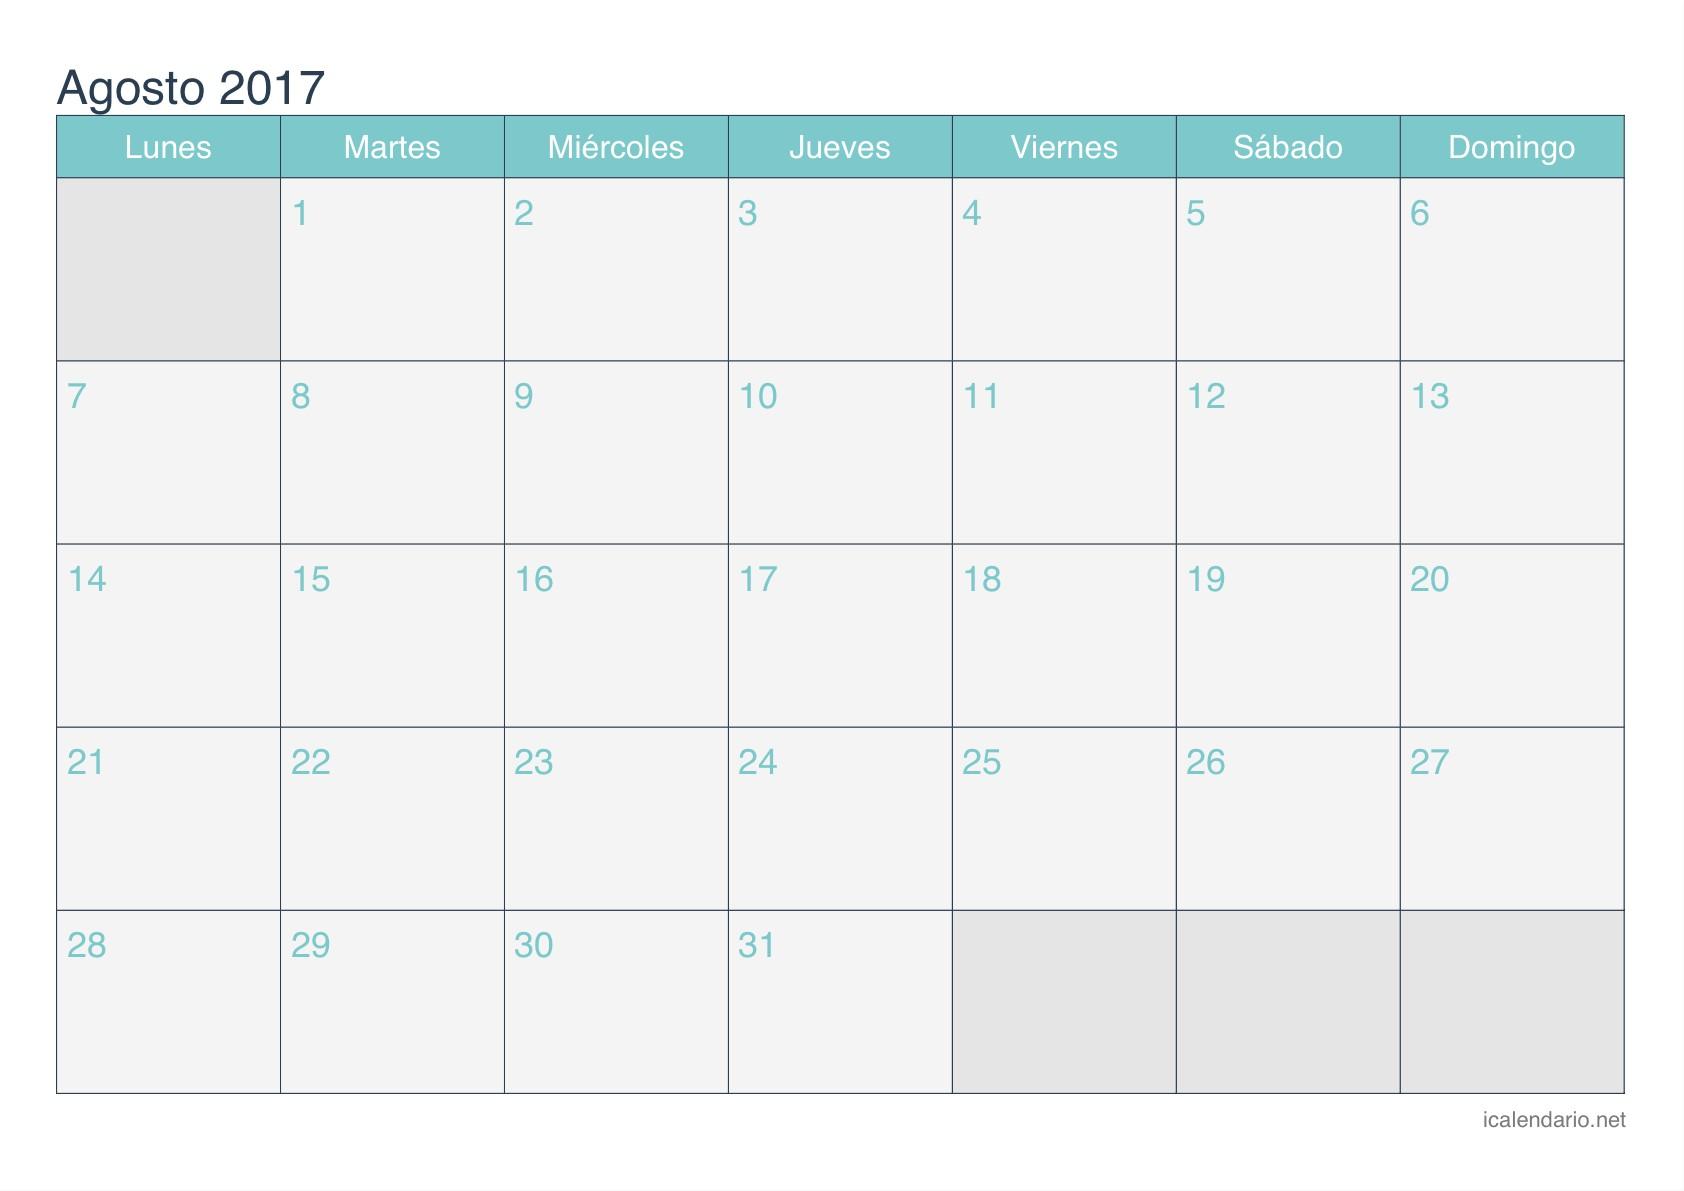 Calendario 2017 Imprimir En Blanco Más Recientes Calendario Agosto 2017 Para Imprimir Icalendario